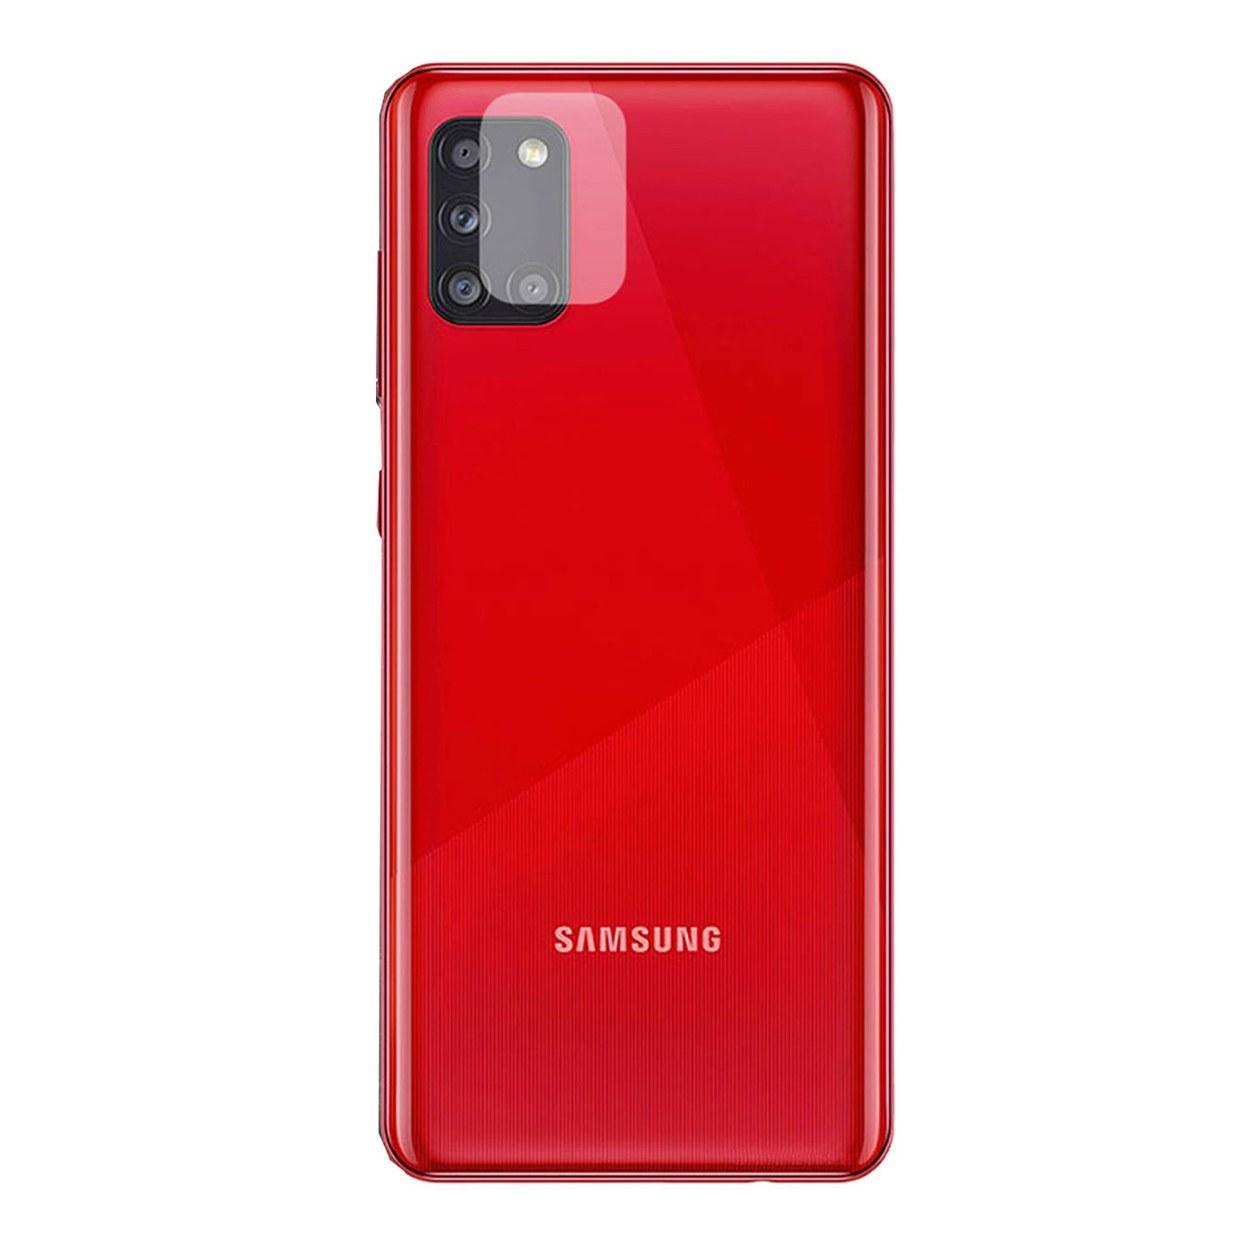 تصویر محافظ لنز دوربین مدل SA21S مناسب برای گوشی موبایل سامسونگ Galaxy A21S